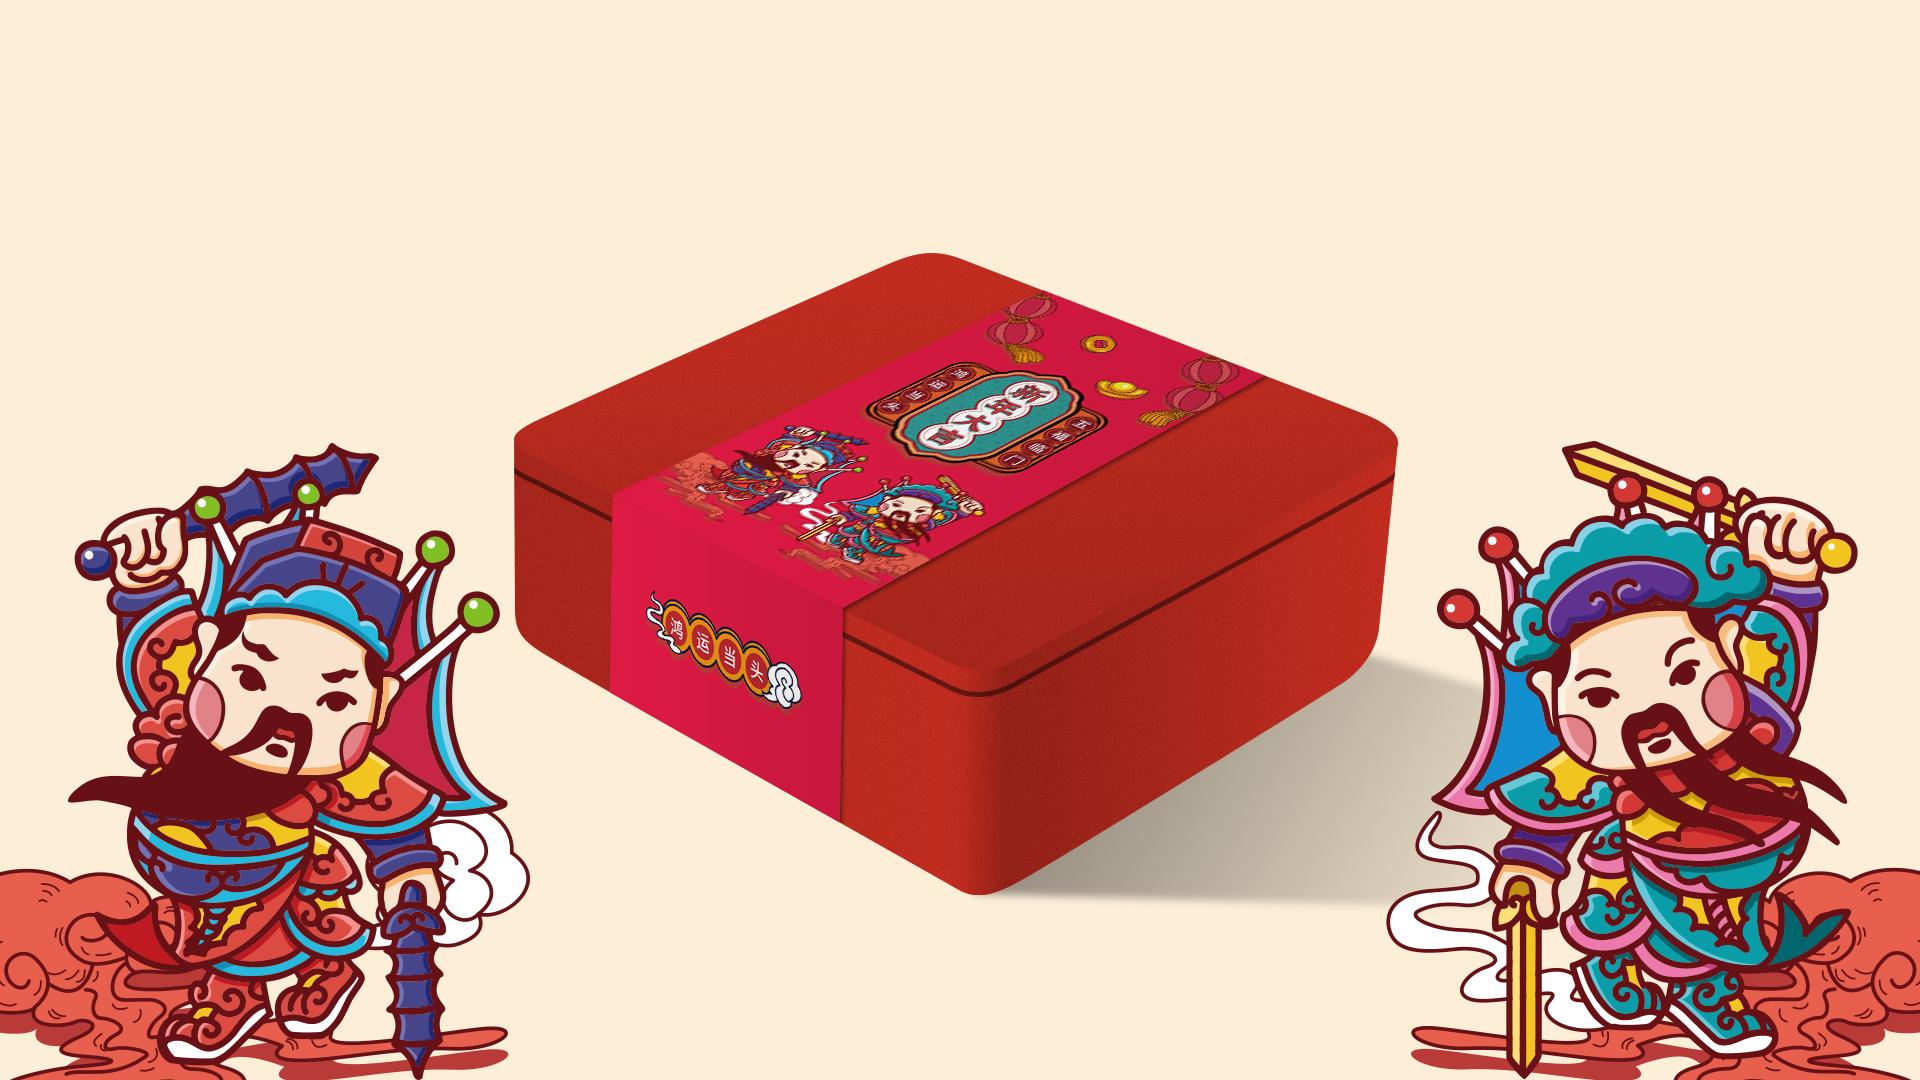 纸盒礼盒精品高档盒食品酒盒包装盒设计包装插画食品茶叶包装设计